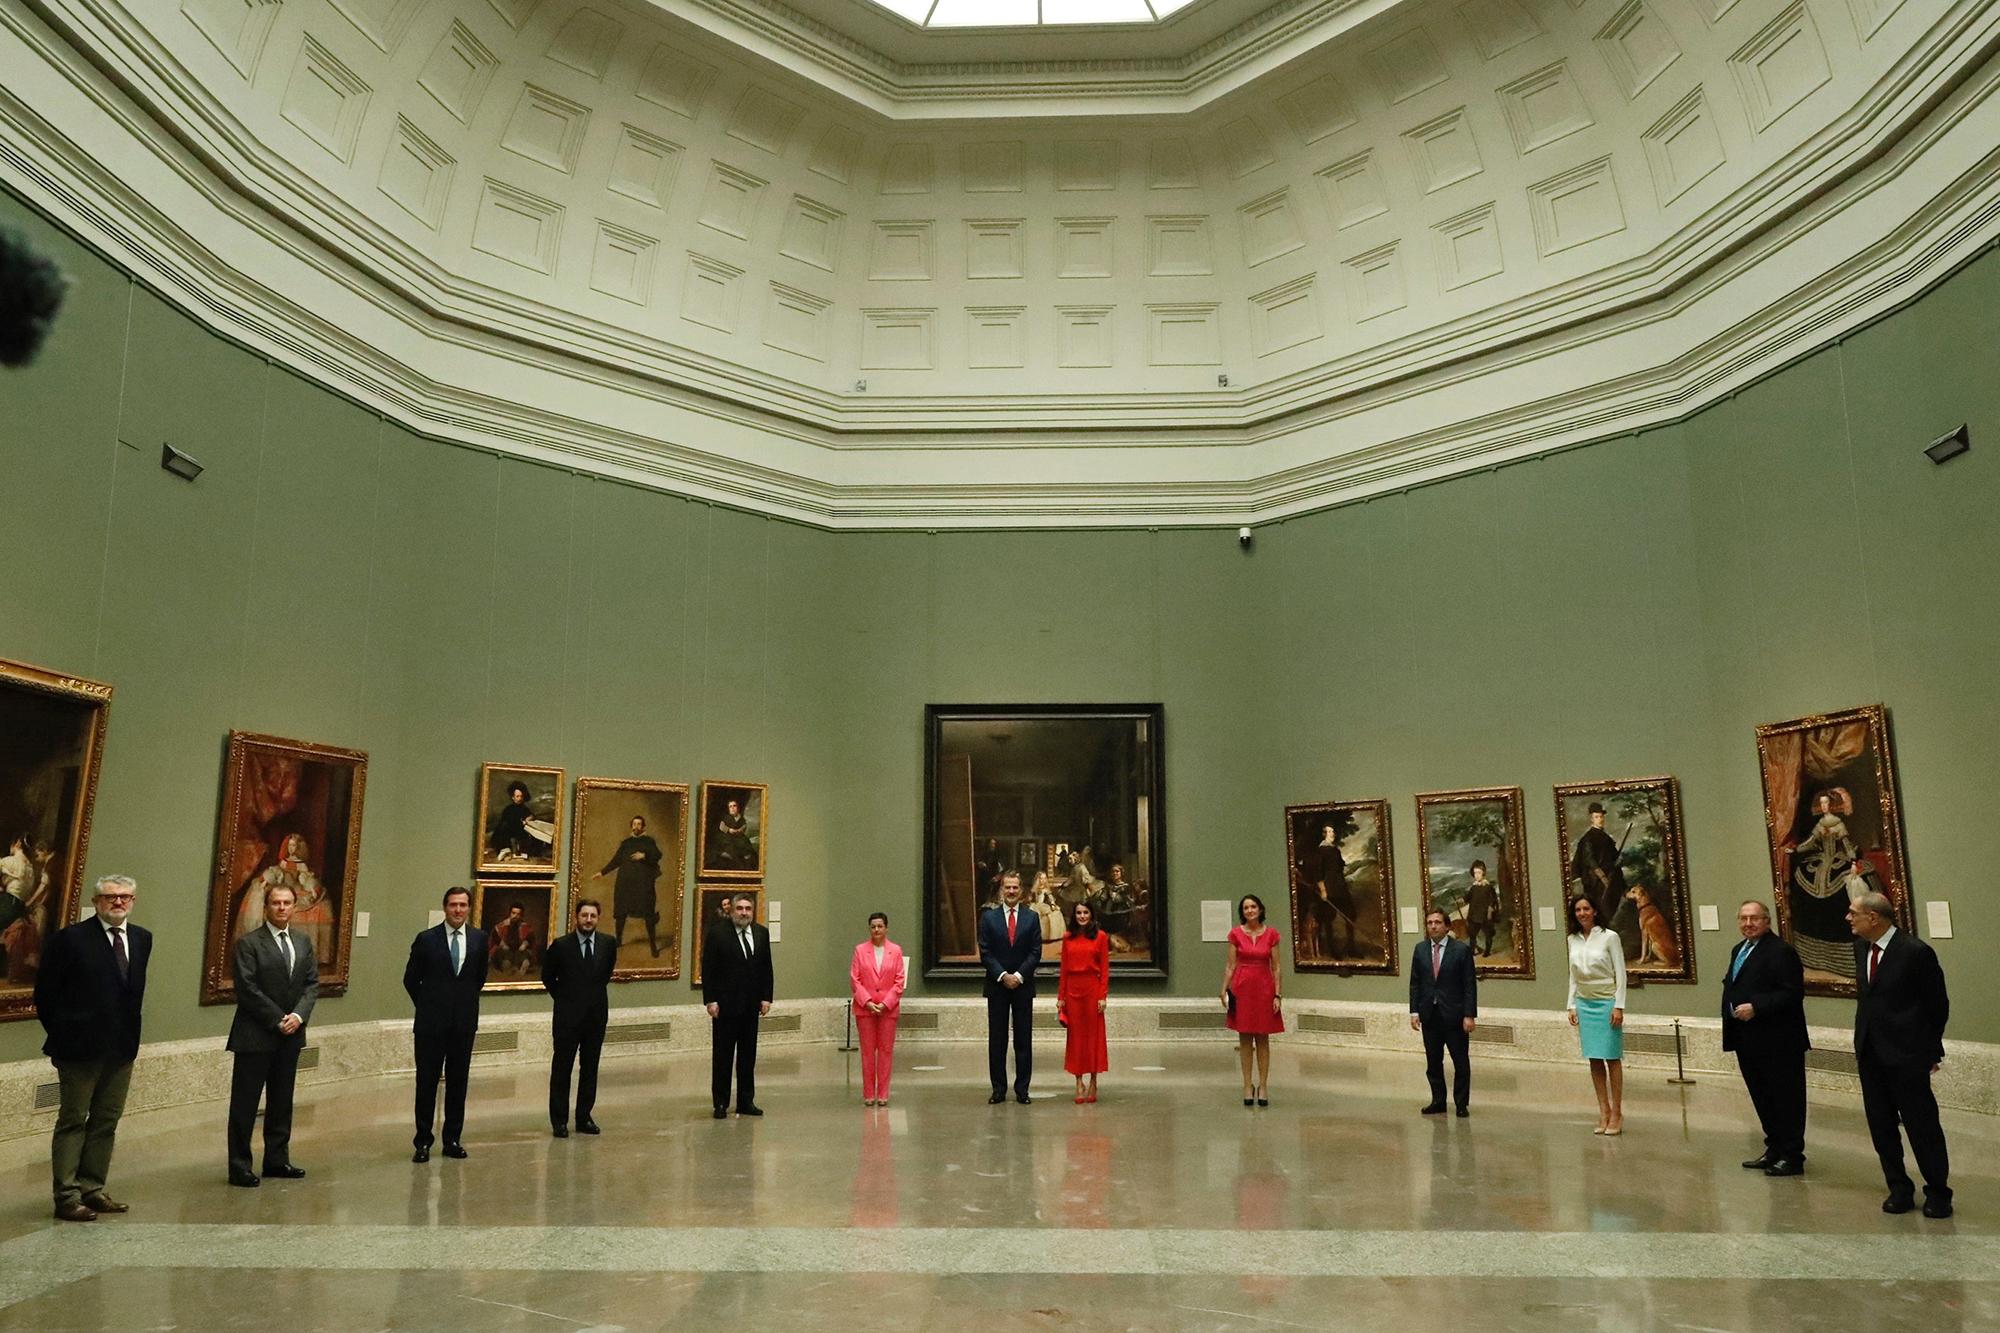 Spain for Sure se presentó en el Museo del Prado